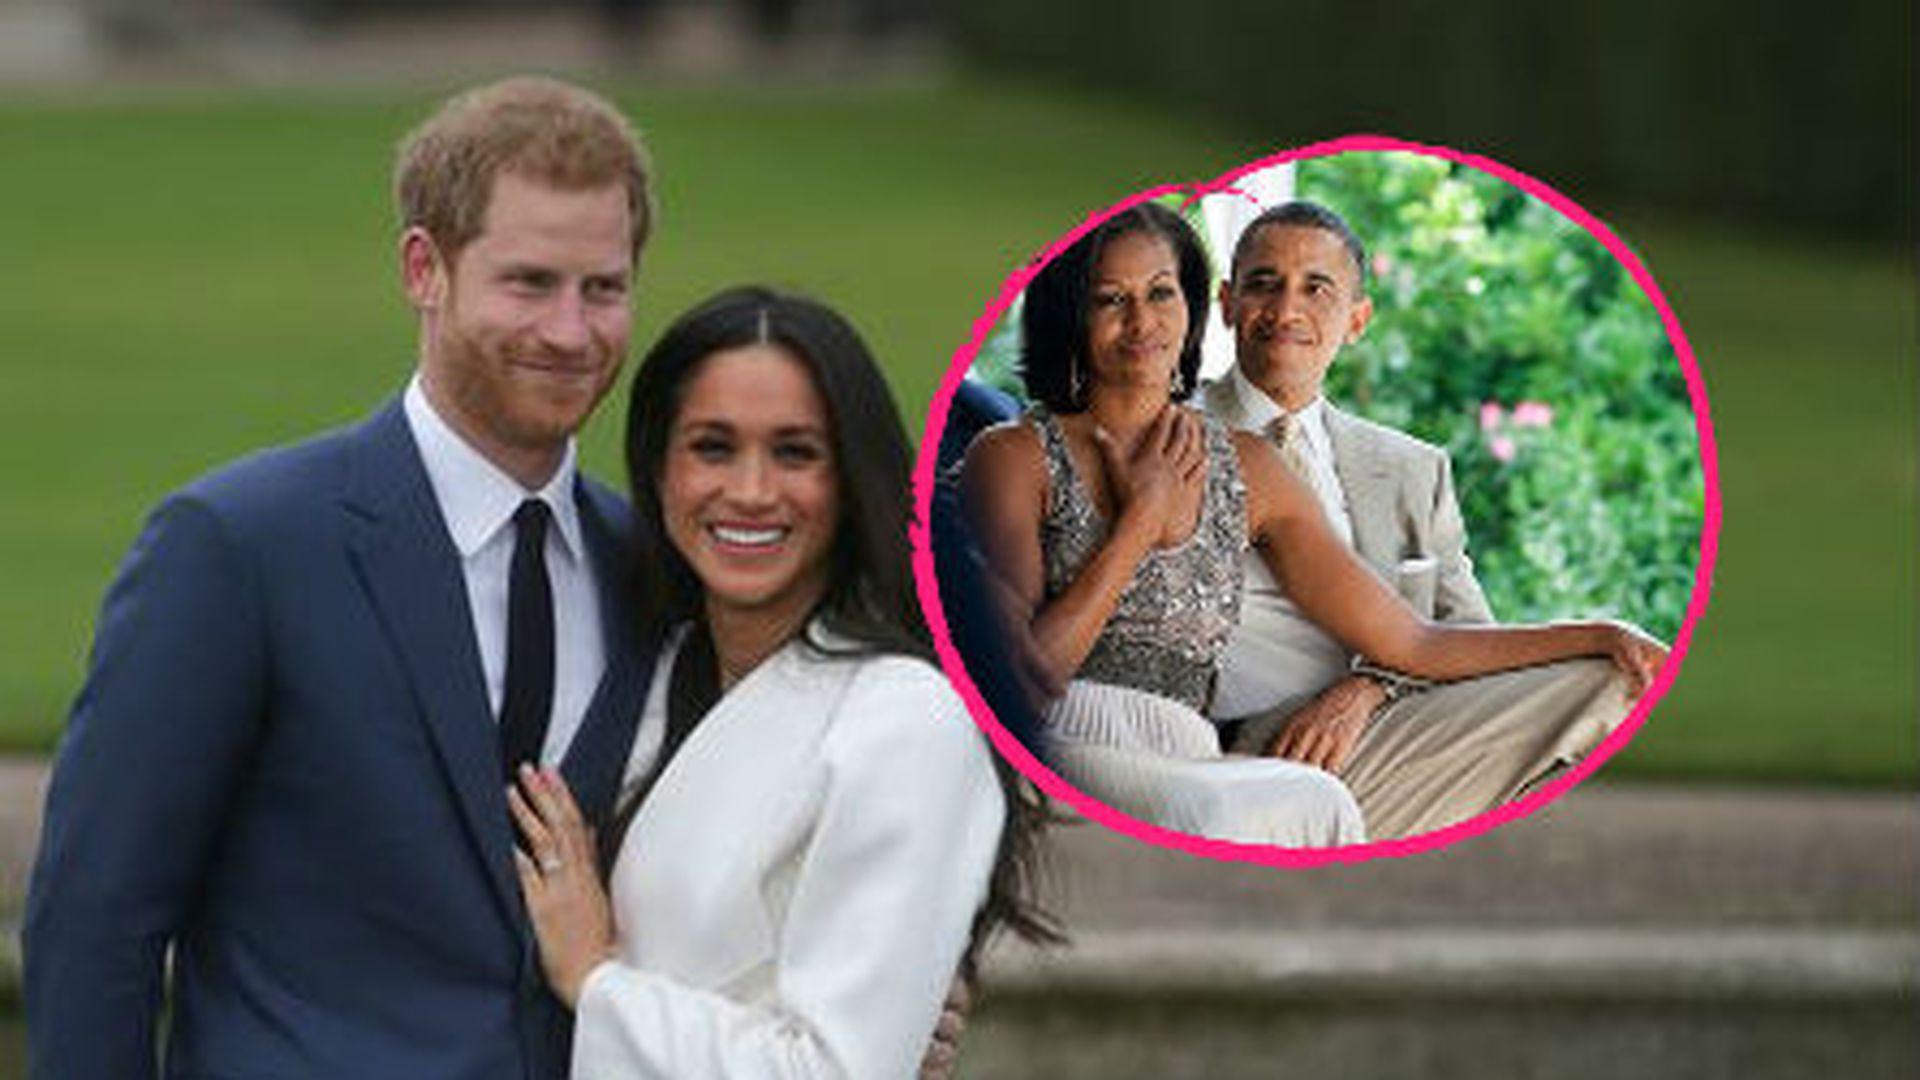 Hochzeit von Prinz Harry  Meghan Die Obamas sollen kommen  Promiflashde